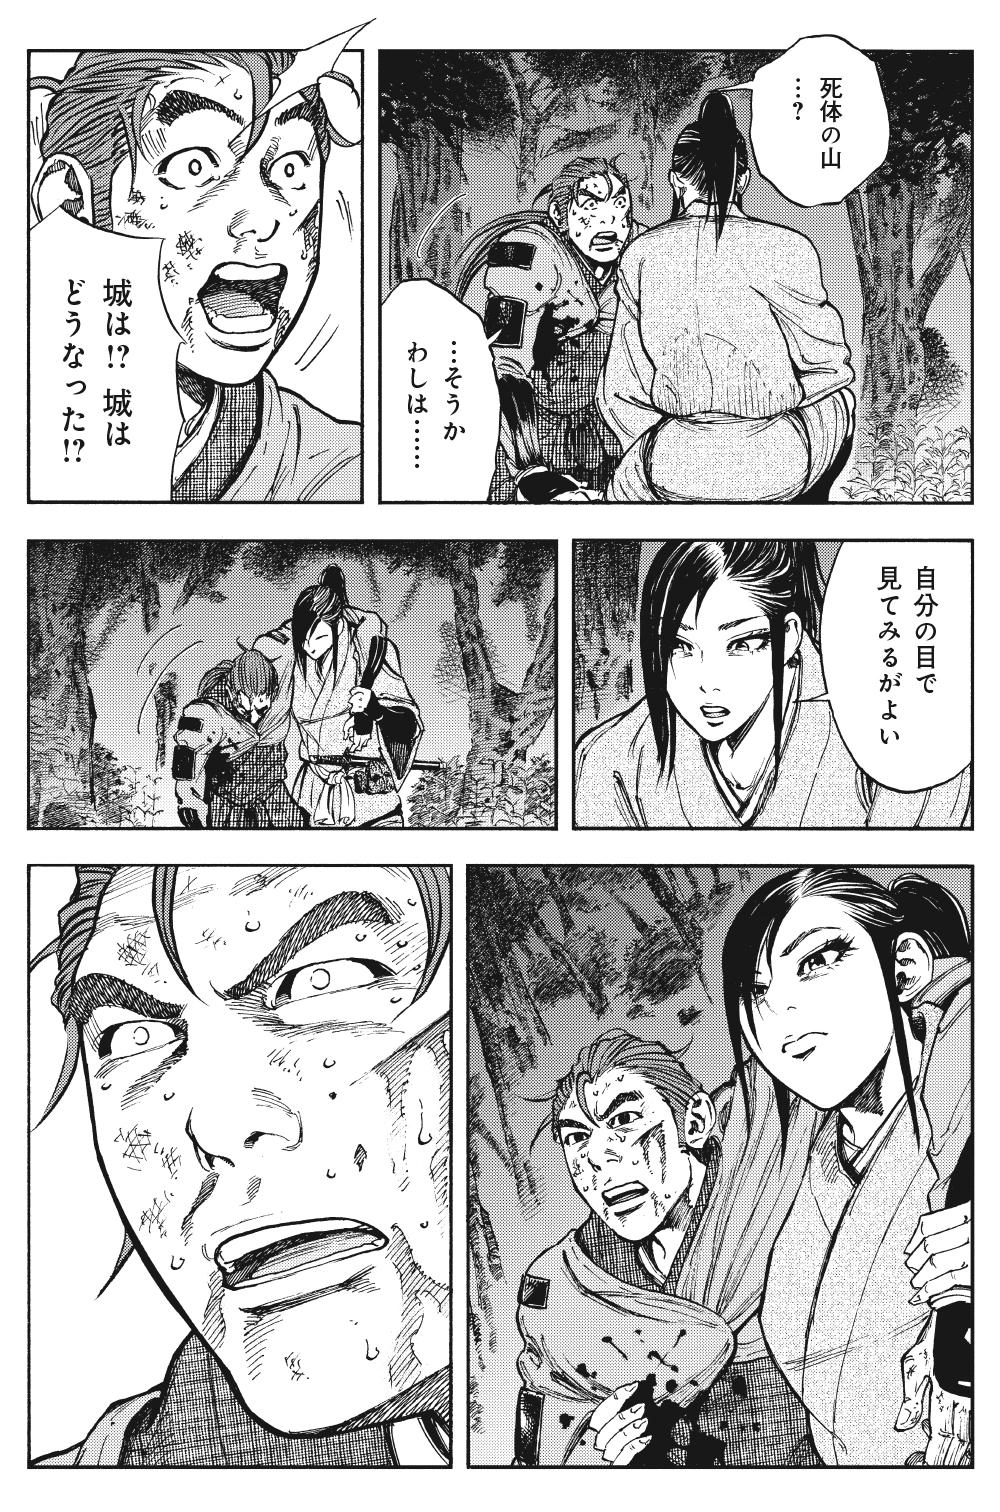 真田太平記 第2話「万死一生」sanada06-05.jpg